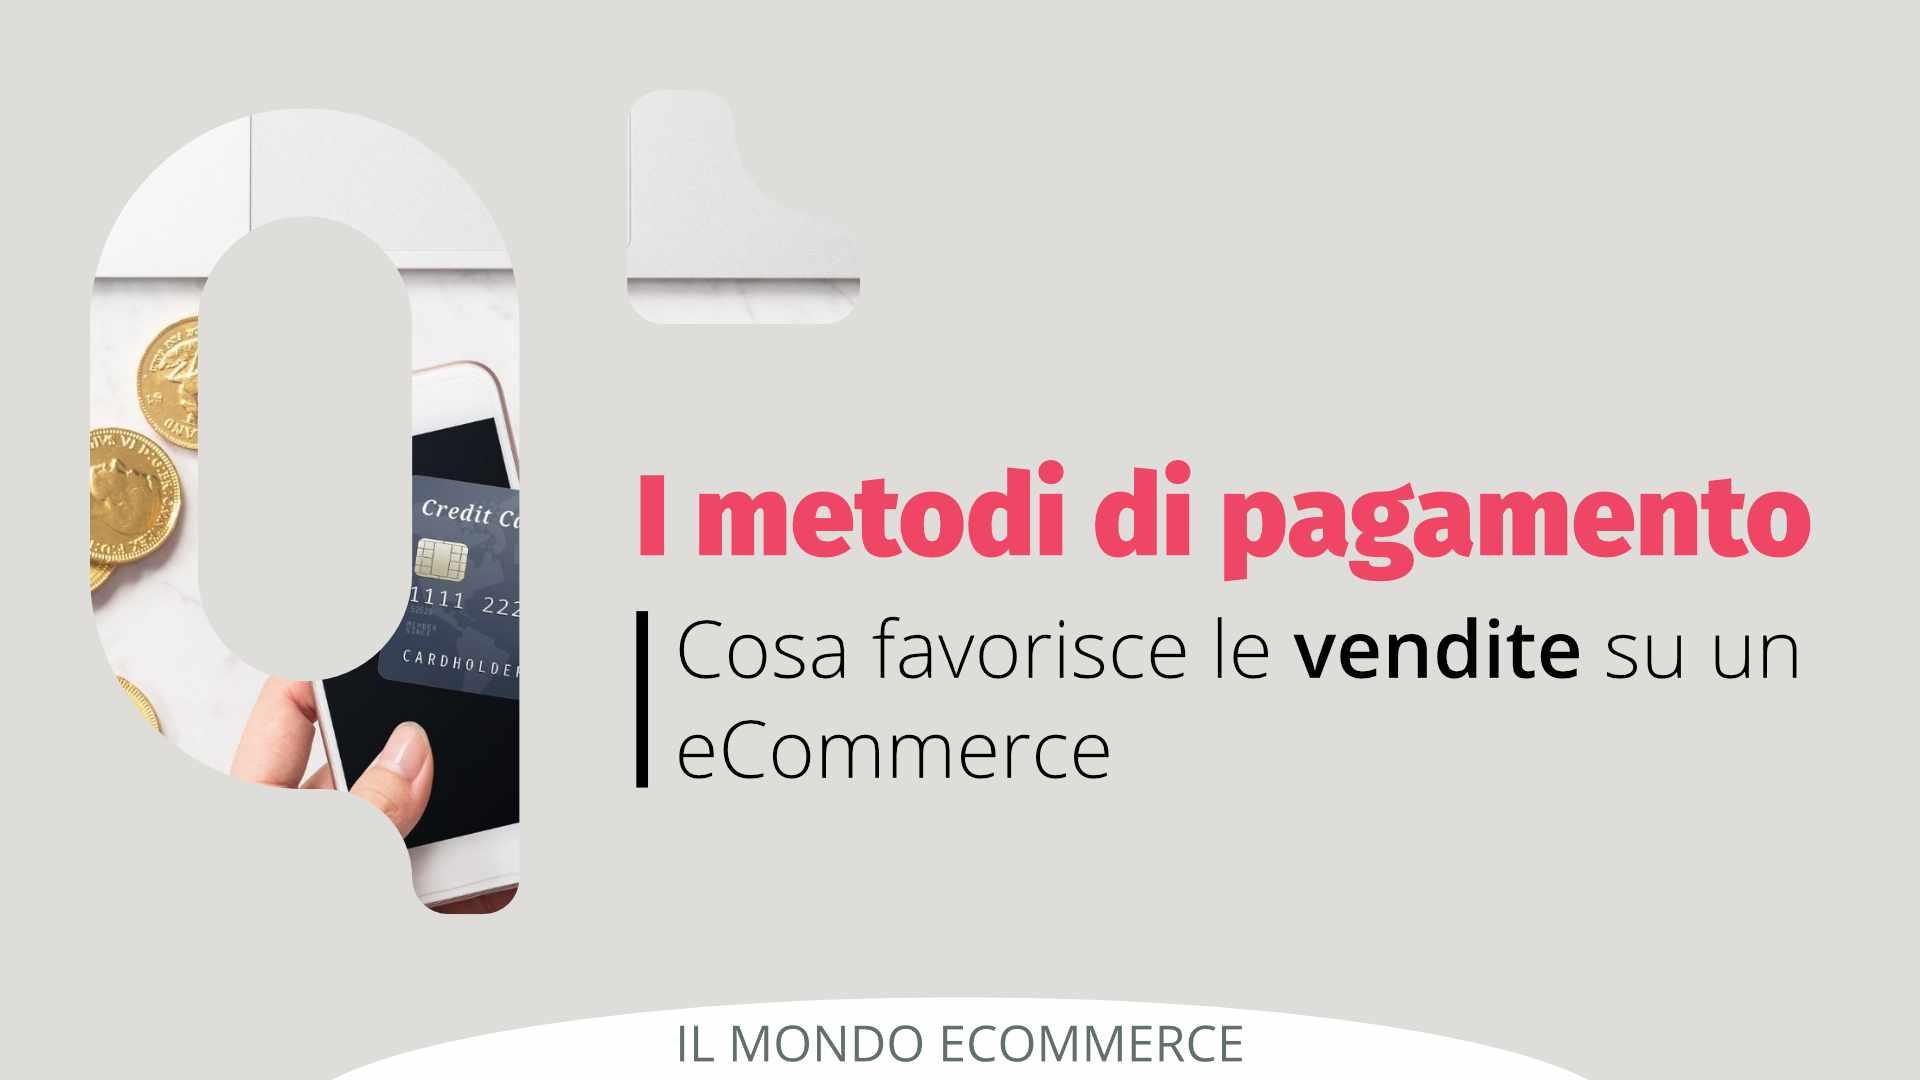 Metodi di Pagamento per eCommerce: cosa favorisce le vendite?